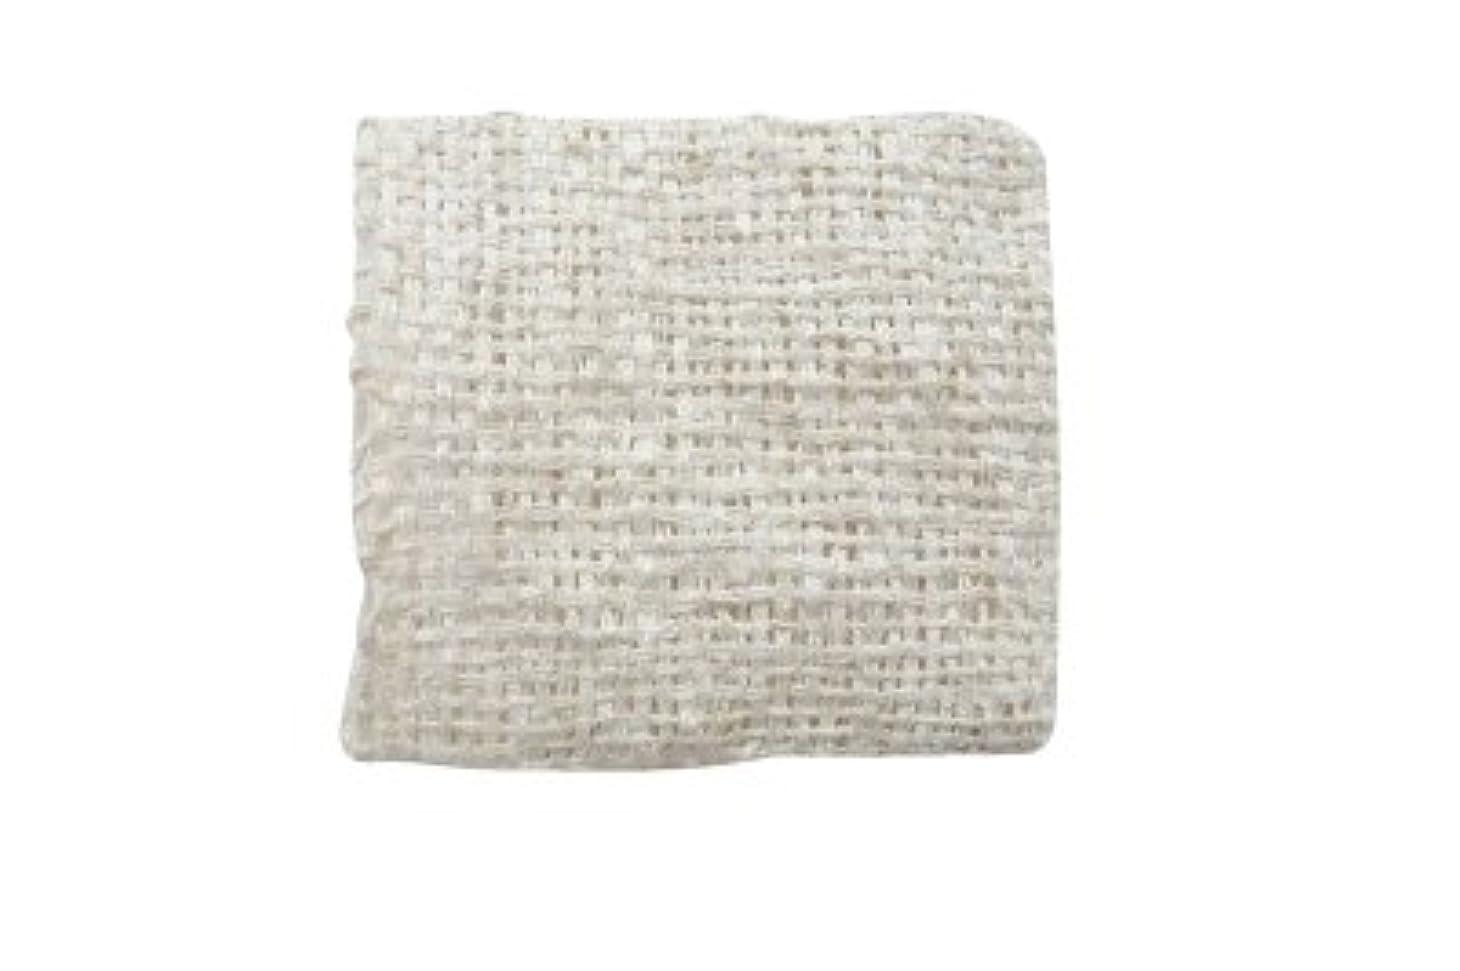 応じる状ブレンドきびそ(生皮苧)フェイスミトン 純国産(原糸 群馬県産) 3000デニール